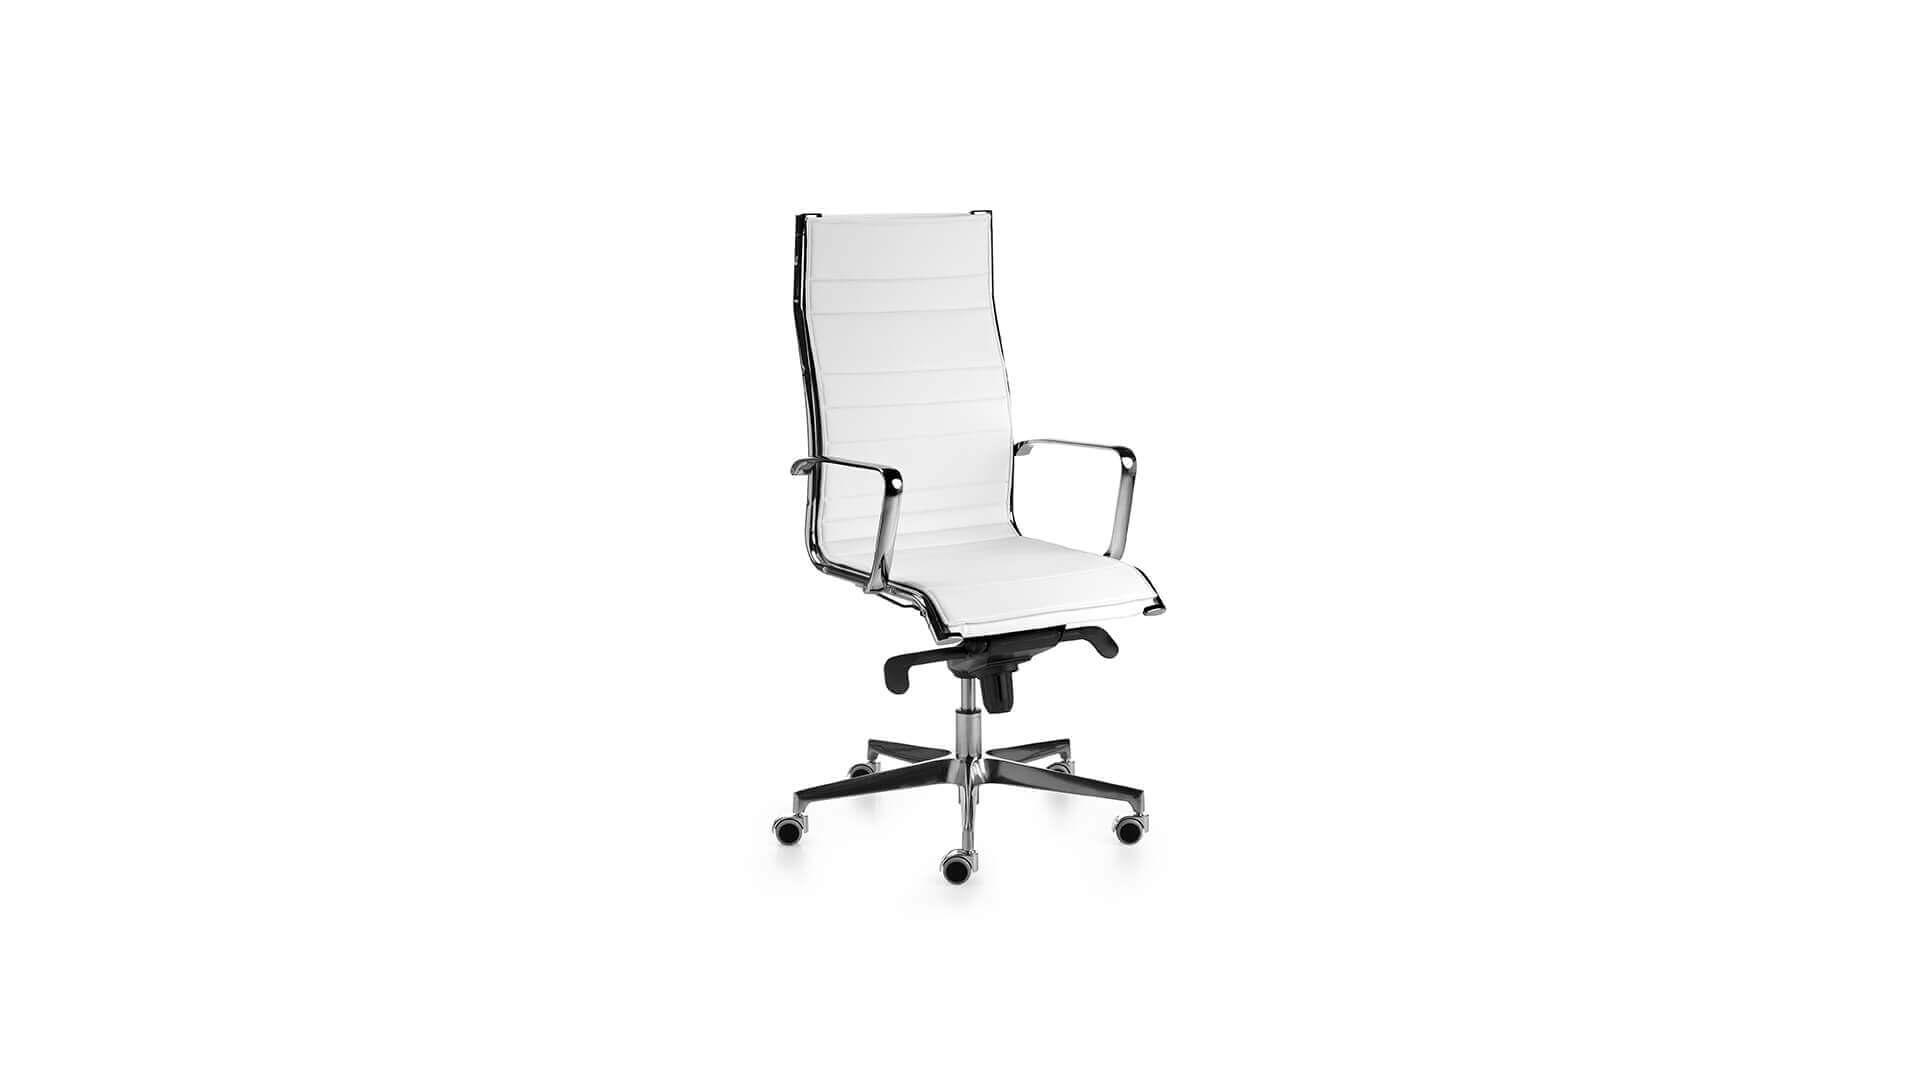 Silla dirección Acer+ blanco cómoda